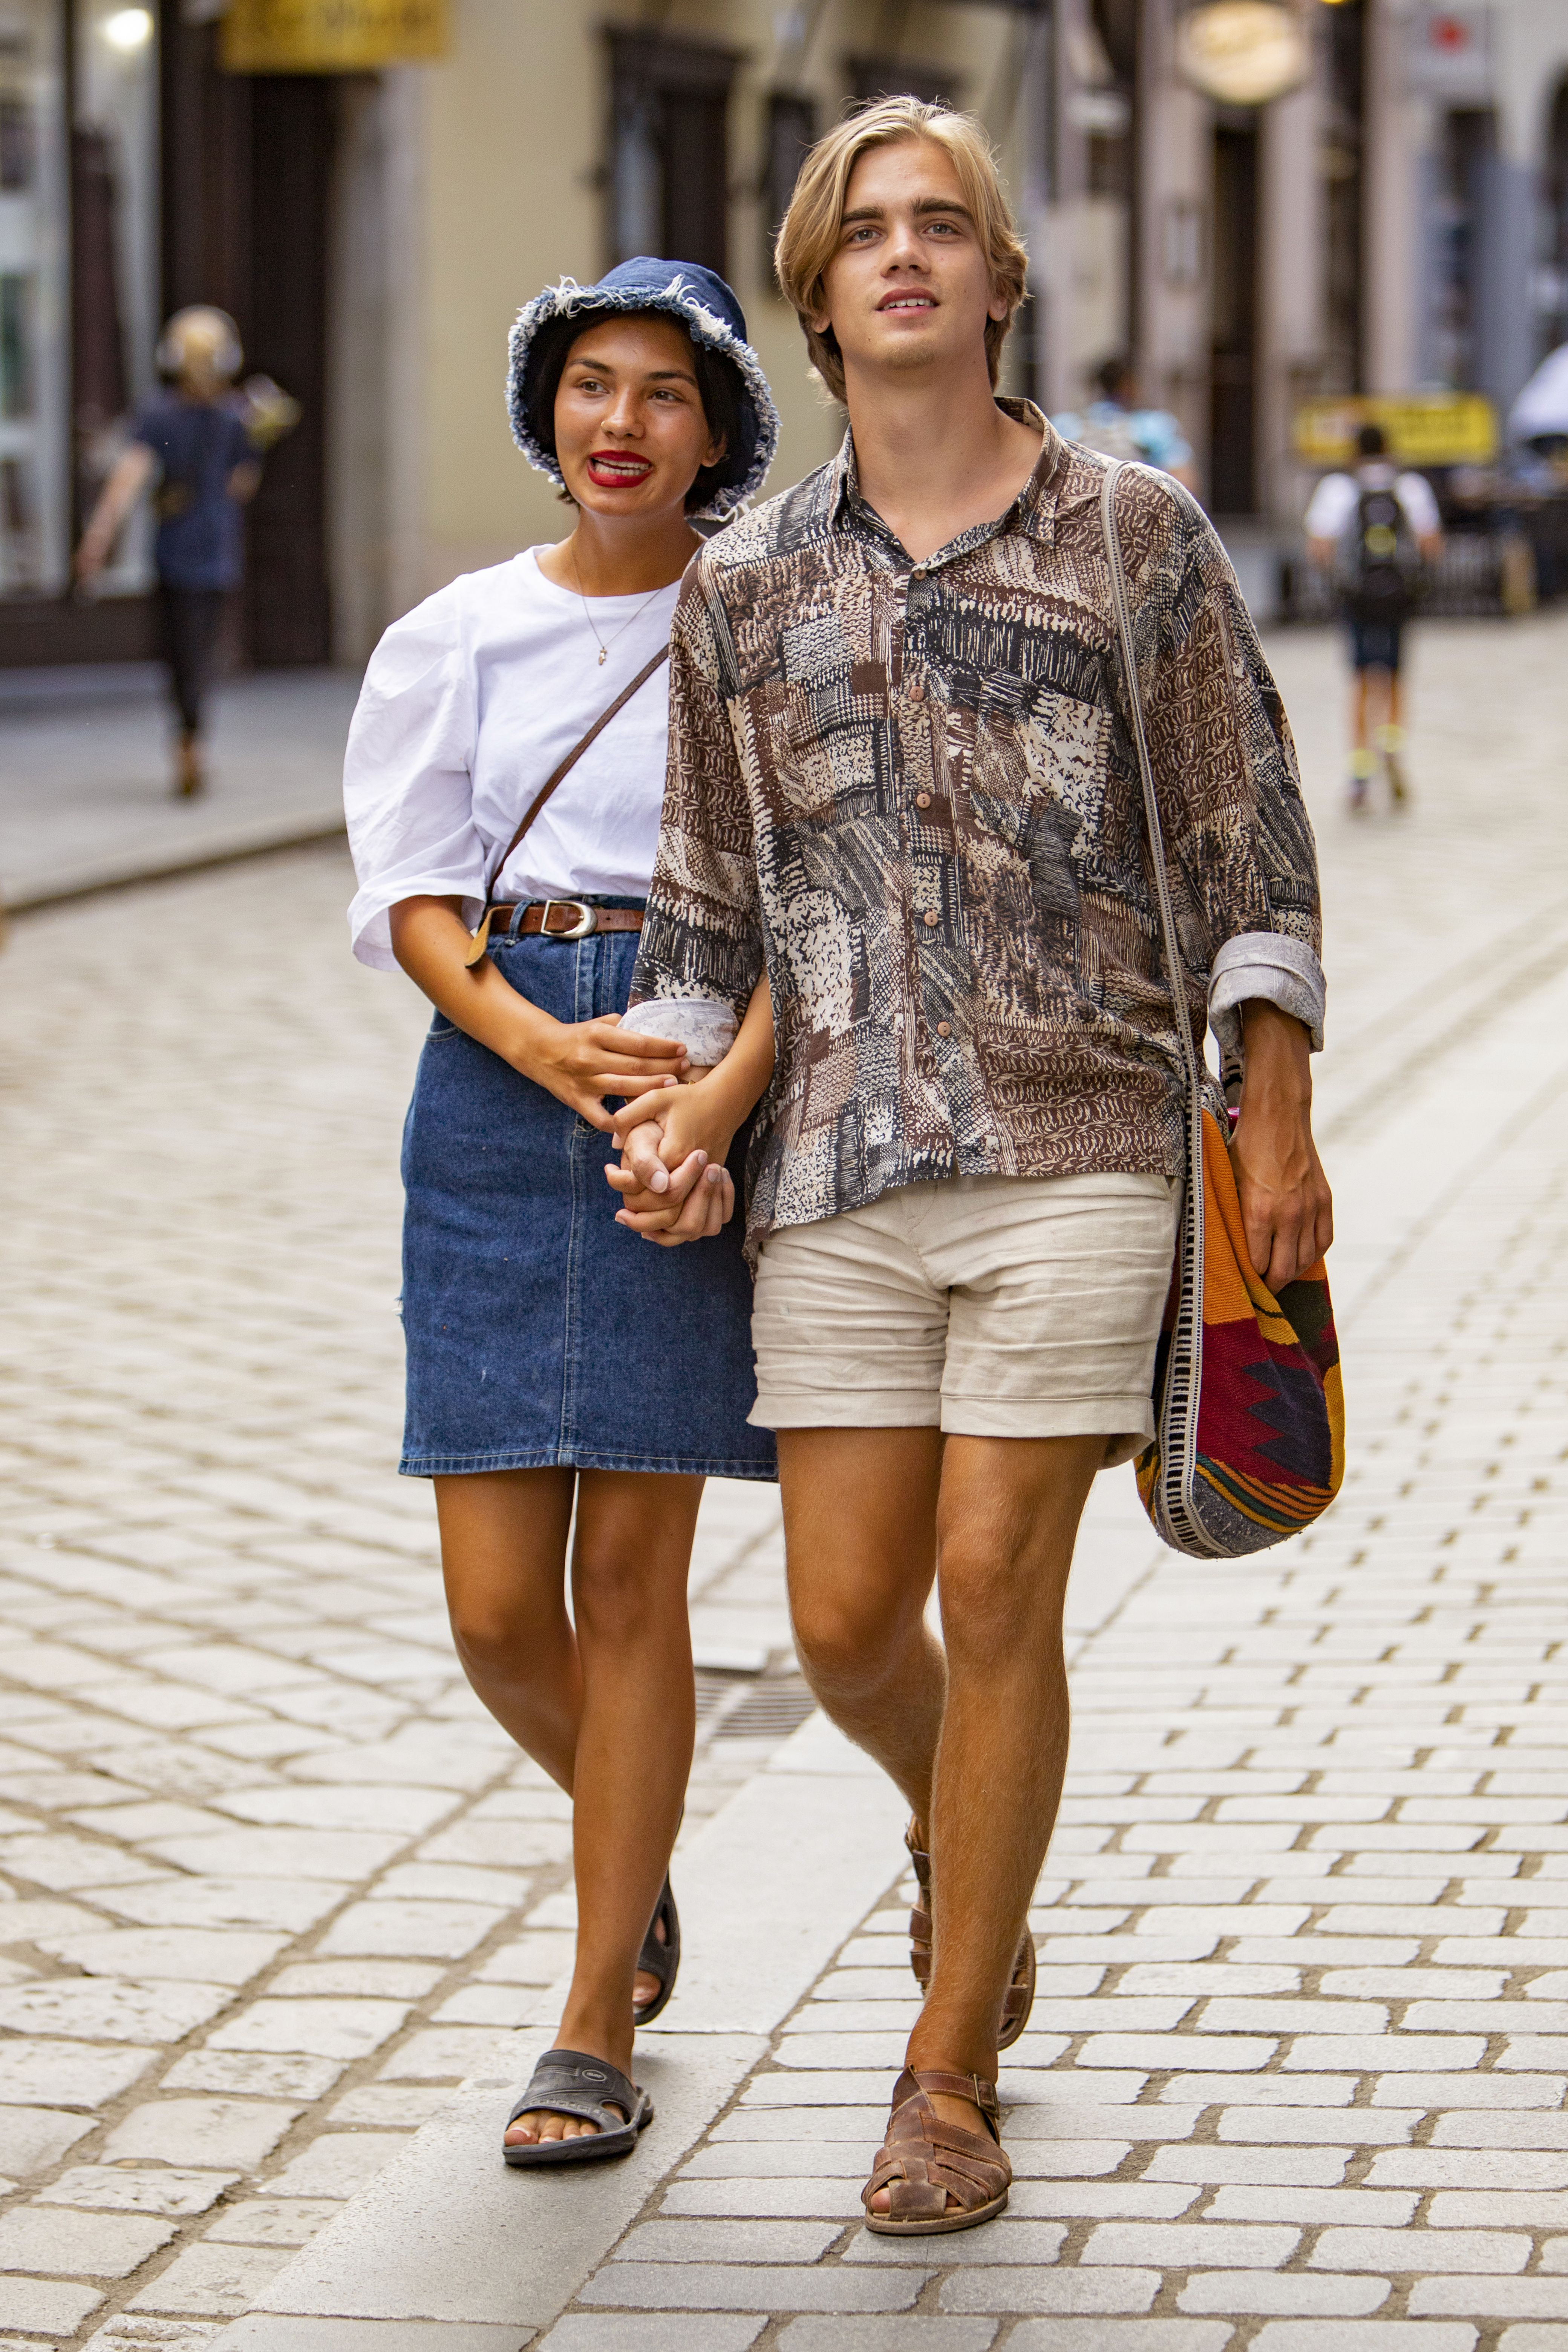 Ovi Šveđani uživaju u ljepotama Hrvatske, a njihov stil nas je oduševio